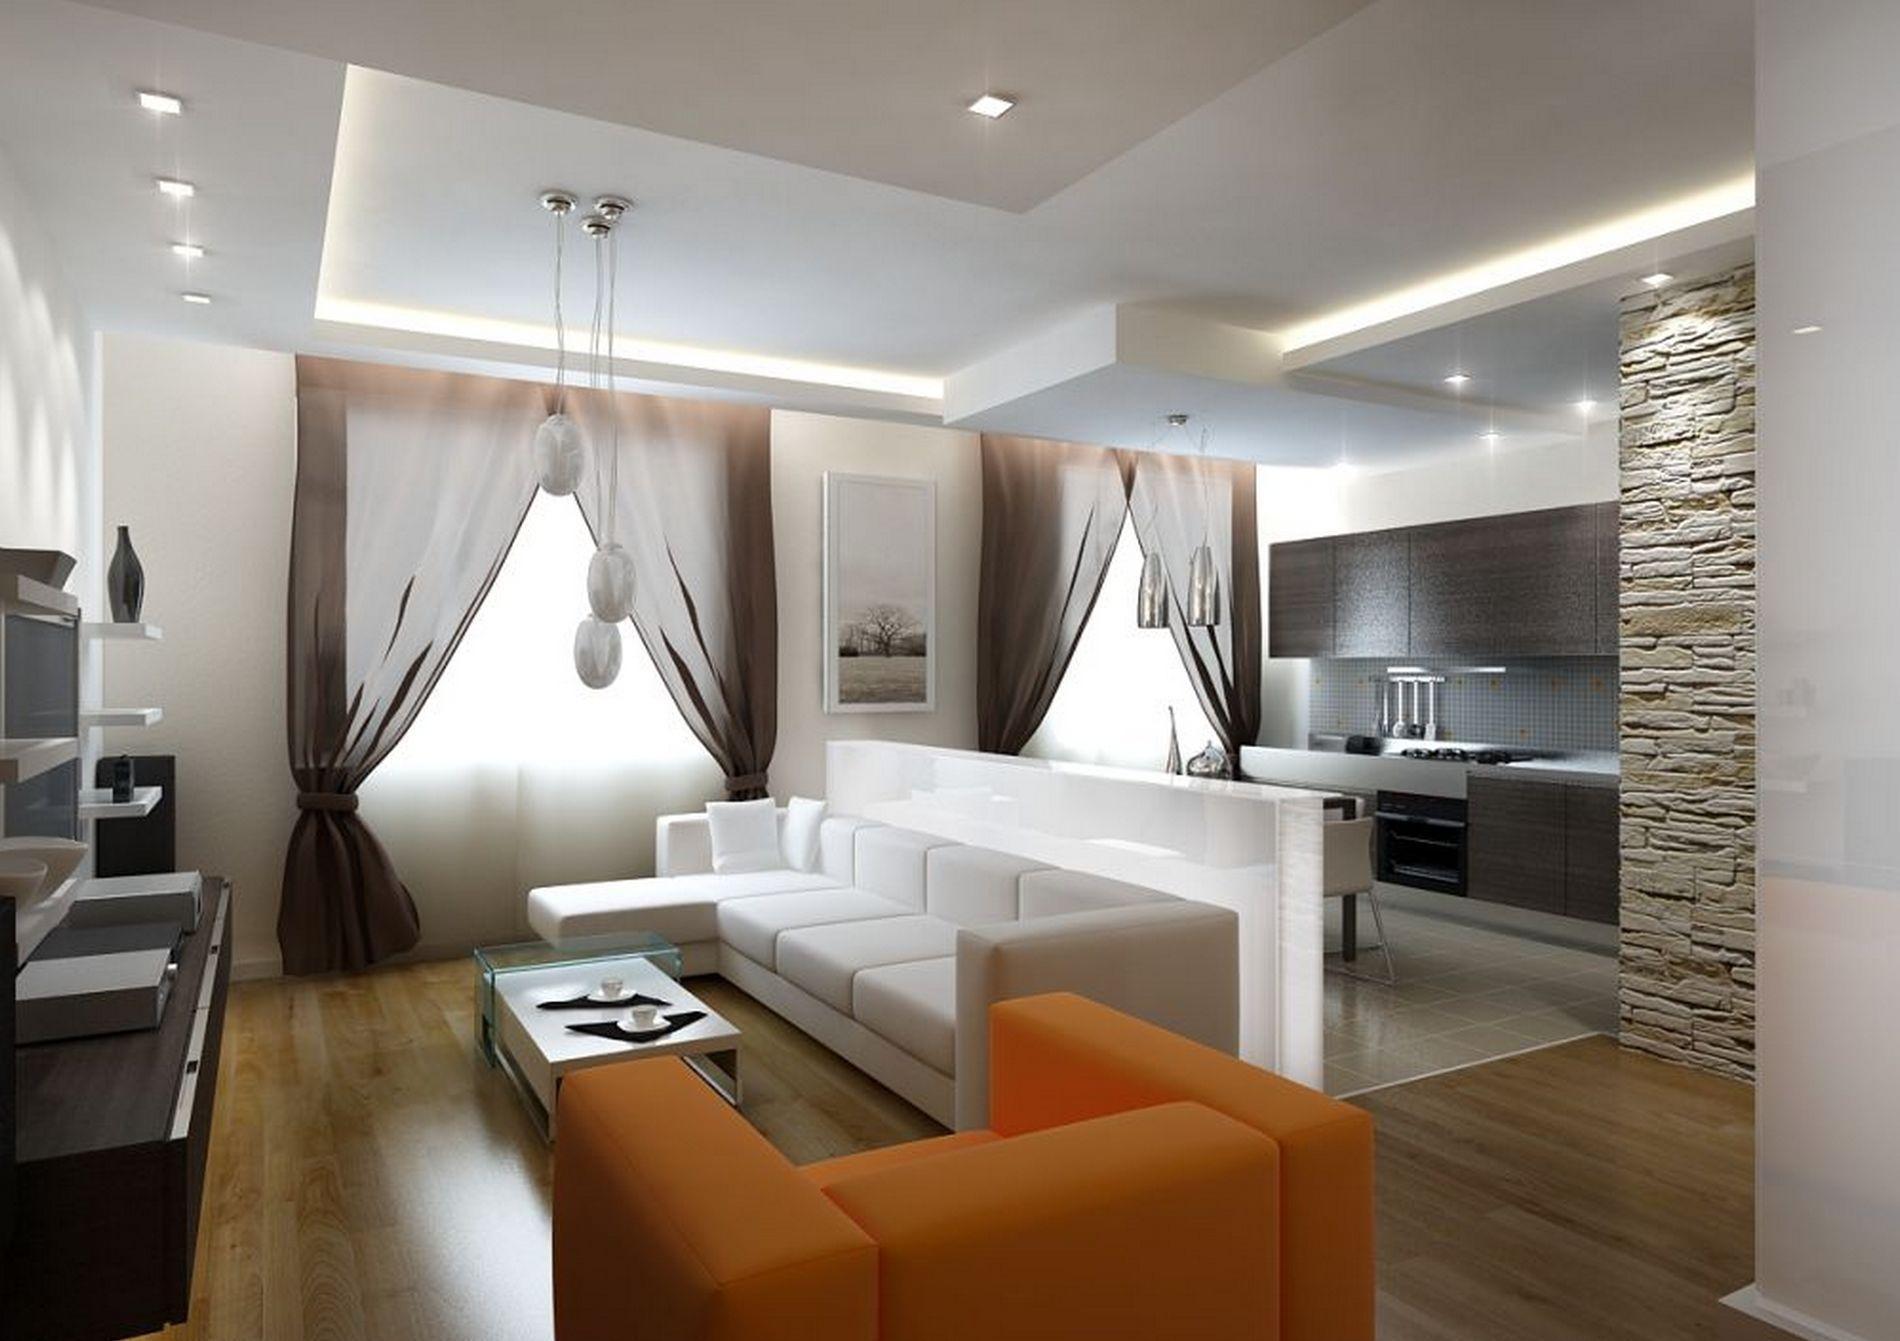 Дизайн квартир своими руками проекты фото